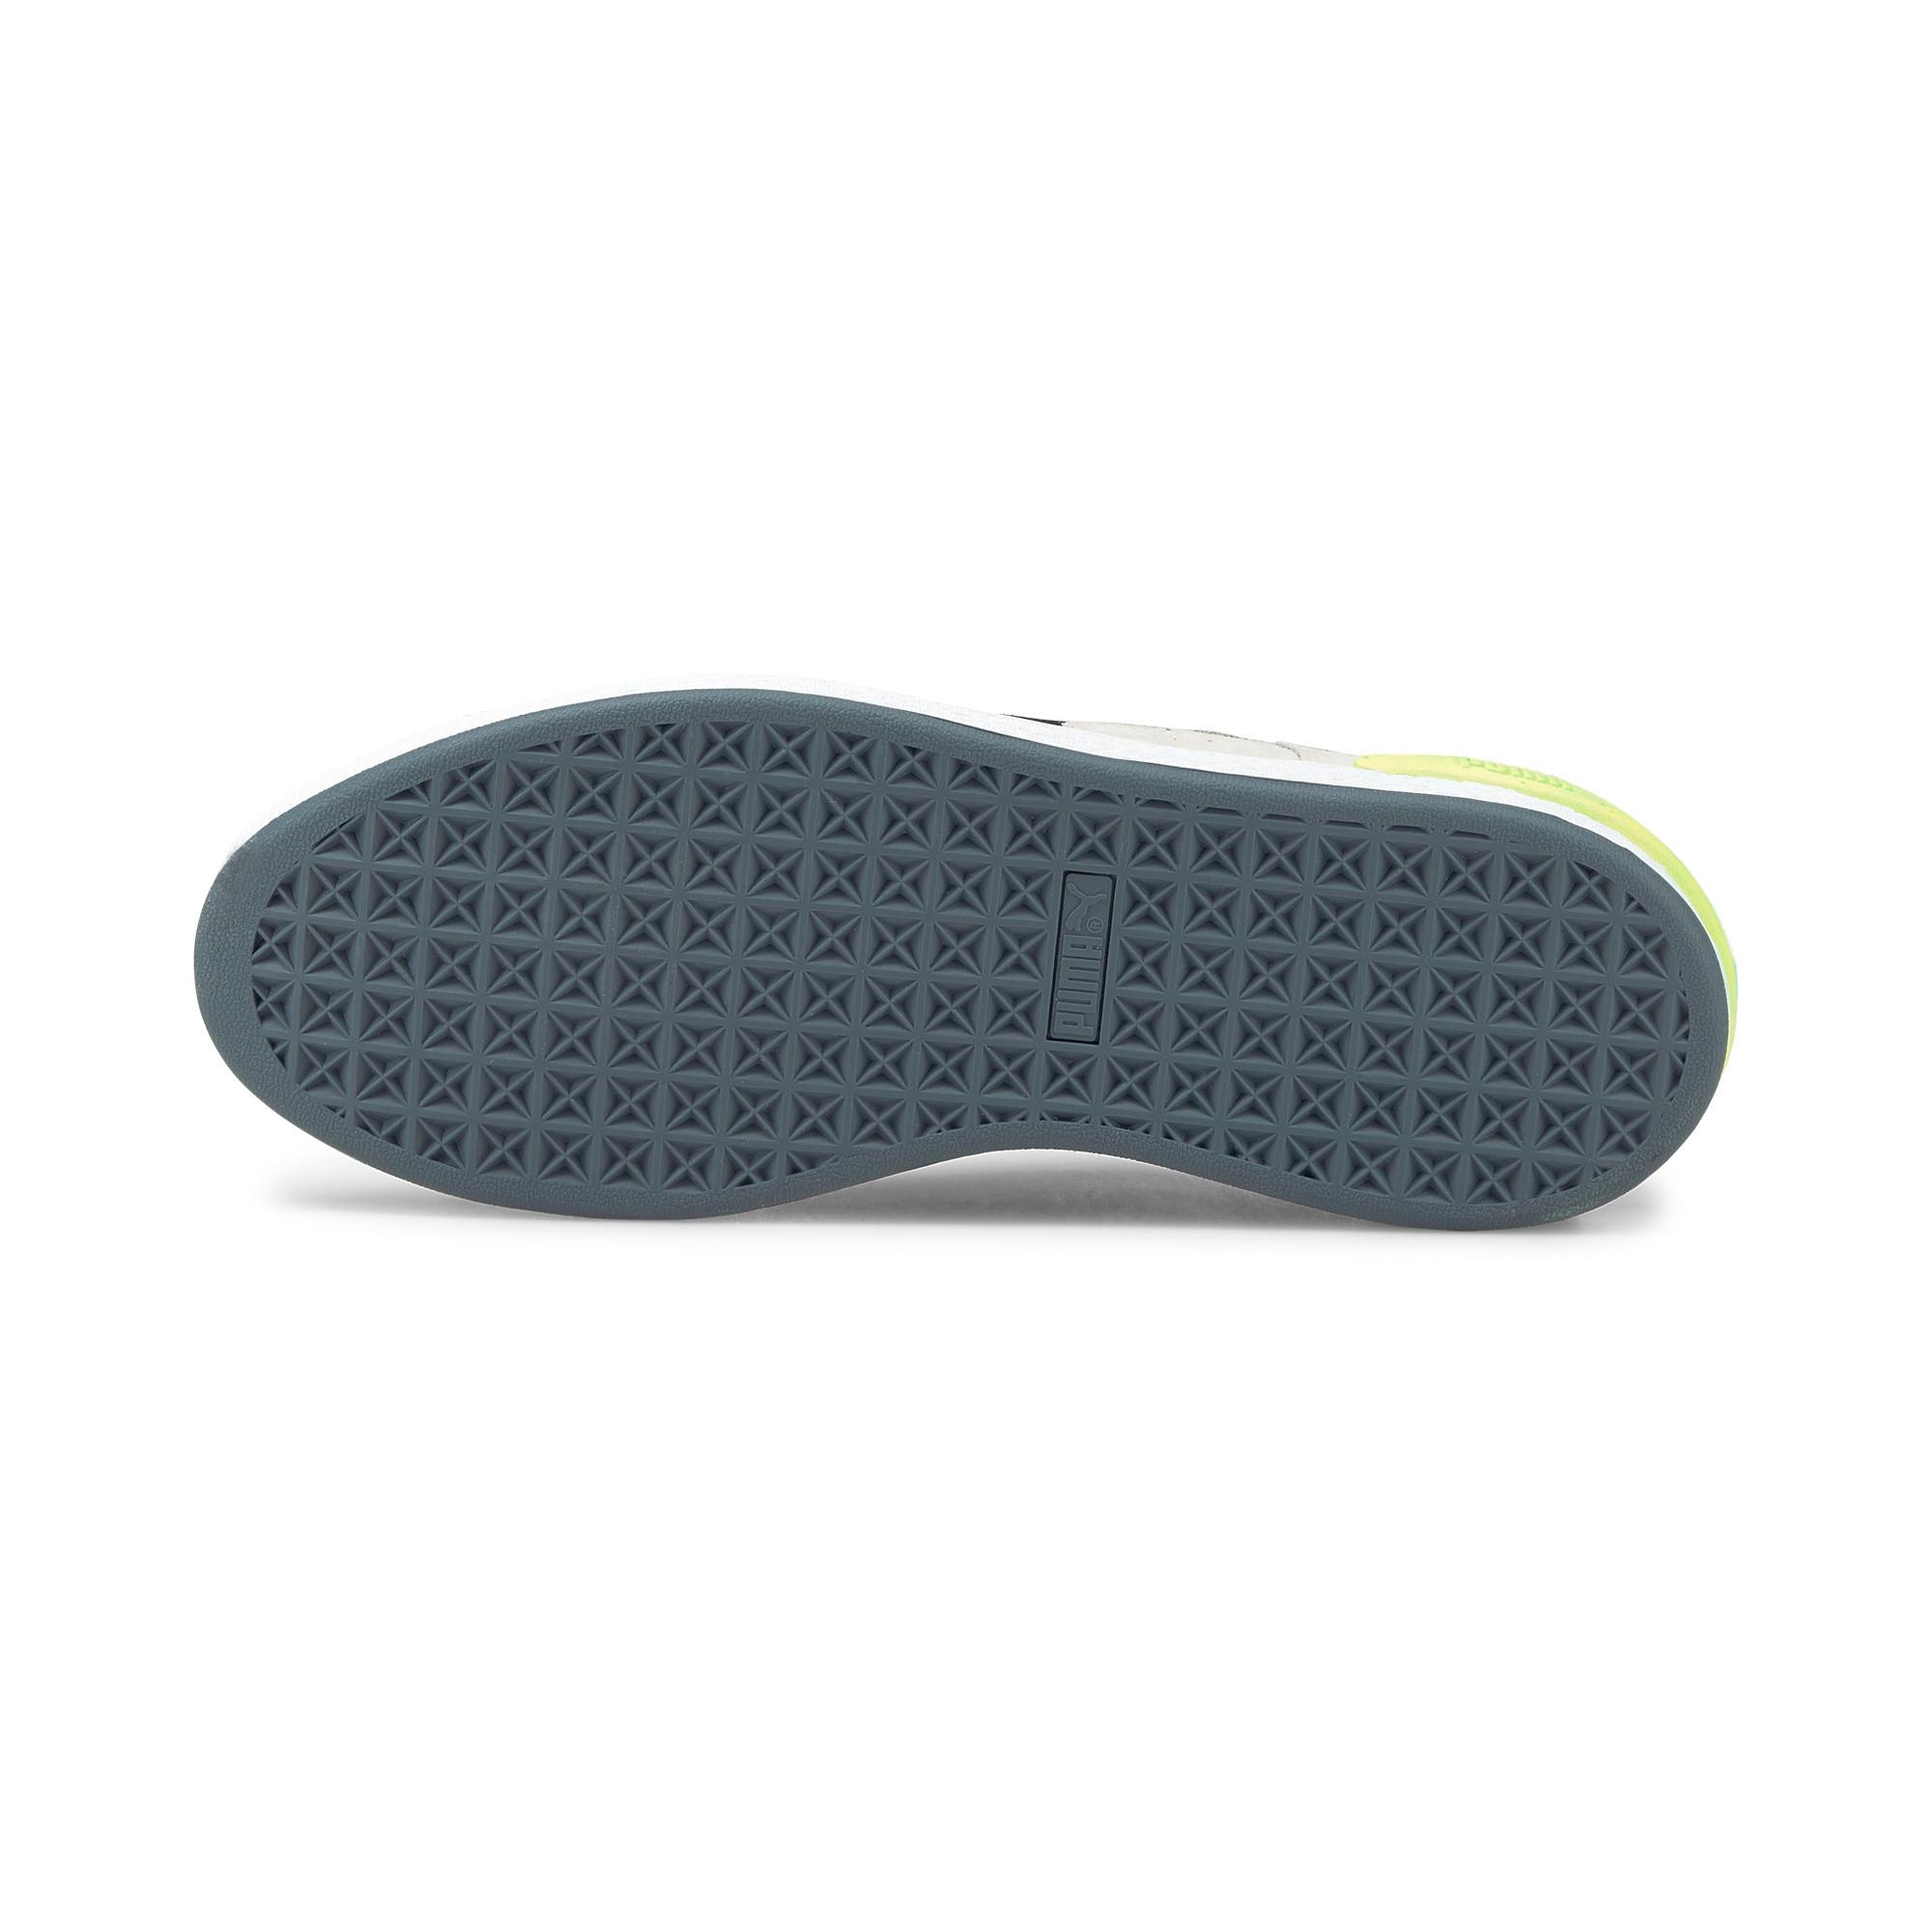 Scarpe da ginnastican Suede Bloc, Bianco avorio, large image number 5